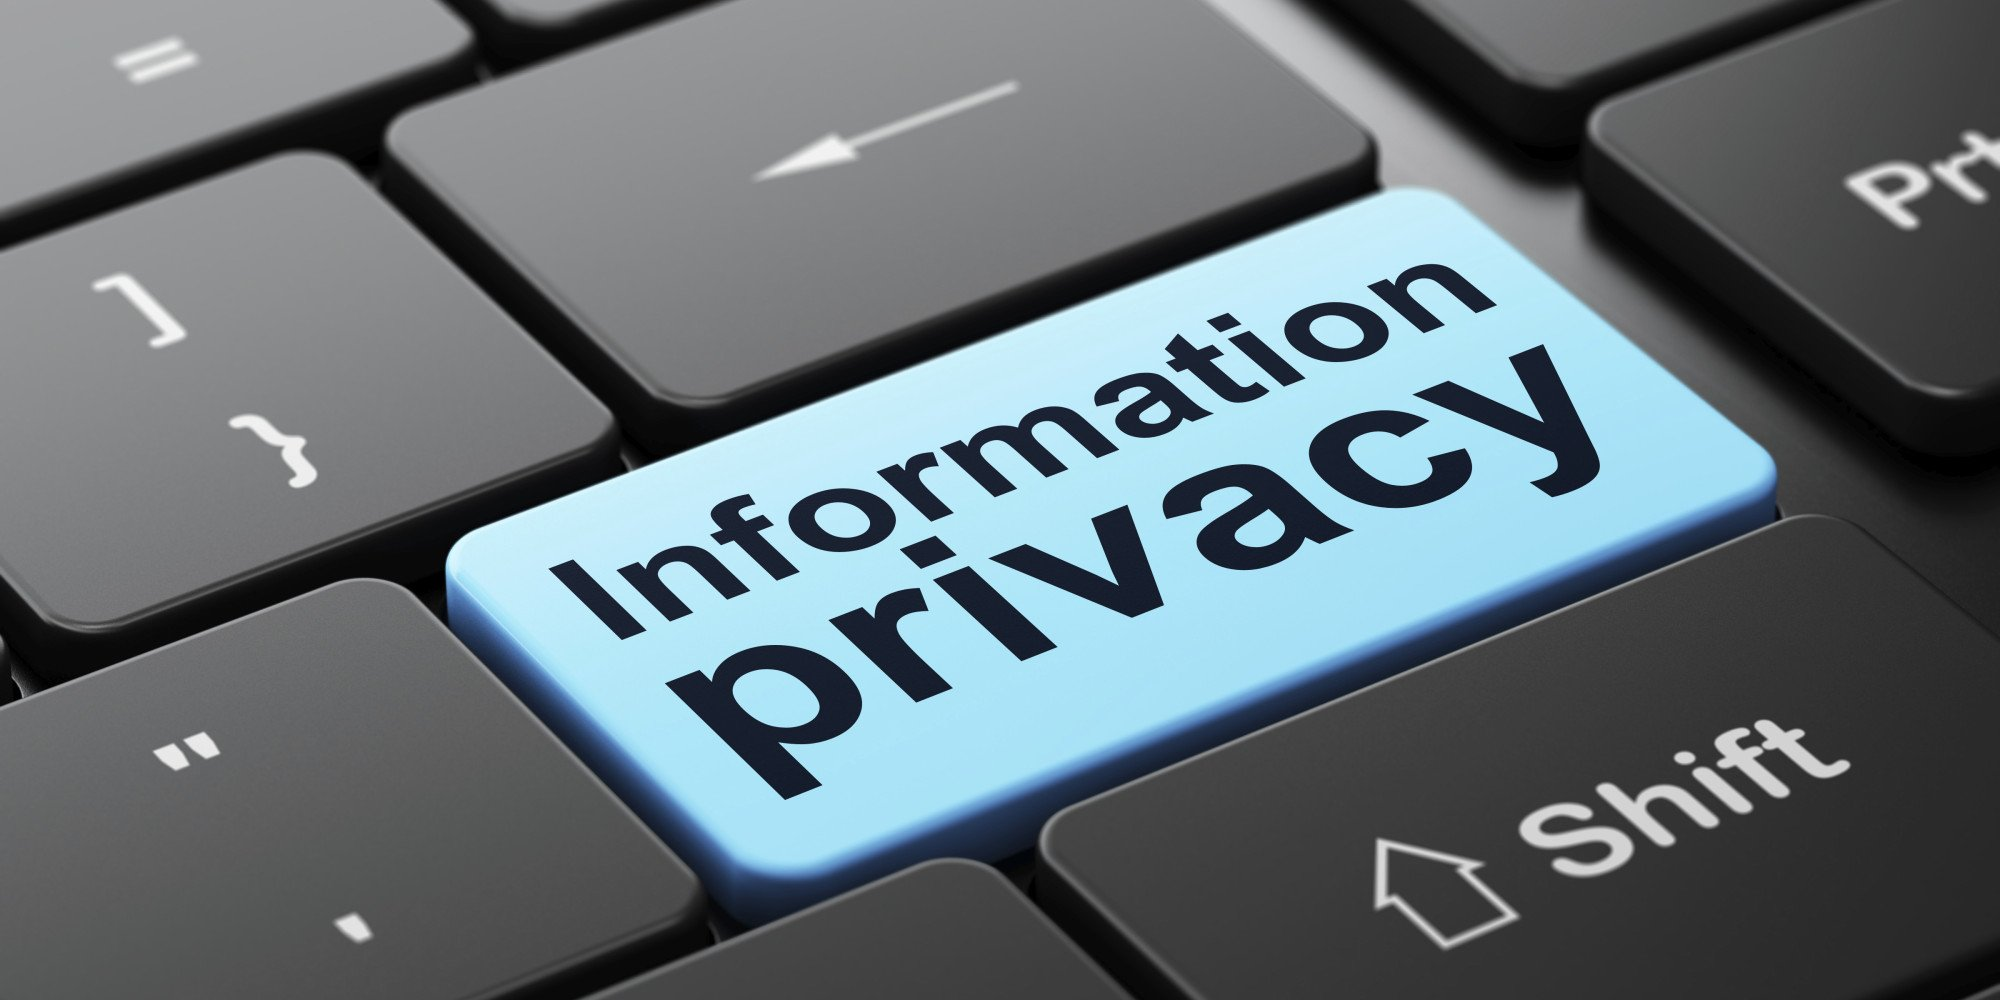 Photo of هل من الممكن أن تُسرق بياناتك بدون تجسس أو اختراق؟!! أفكار حول مفاهيم الخصوصية في الشبكات الإجتماعية [فيسبوك]